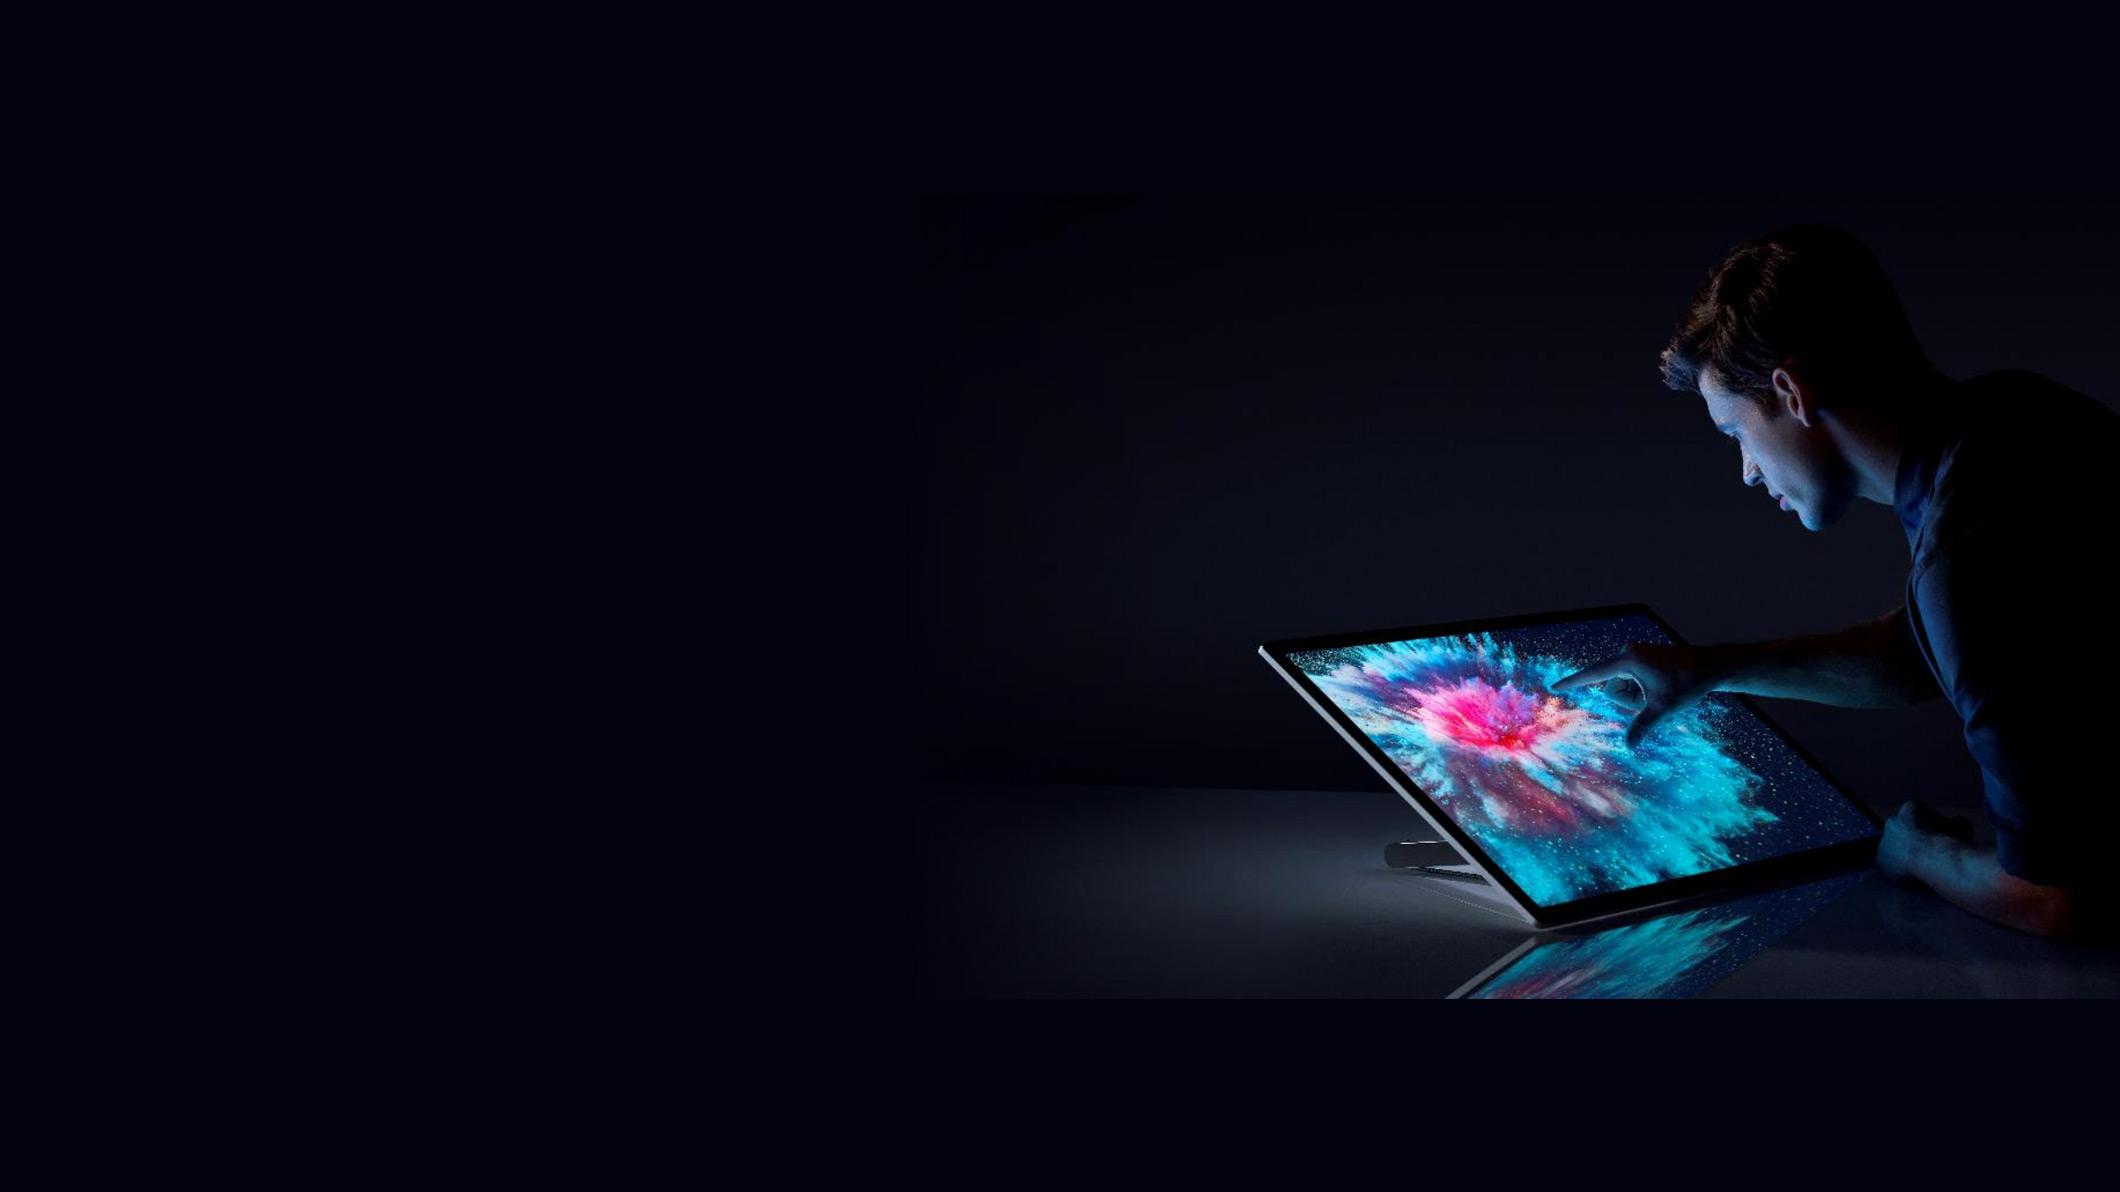 有個人觸碰 Surface Studio 2 的螢幕